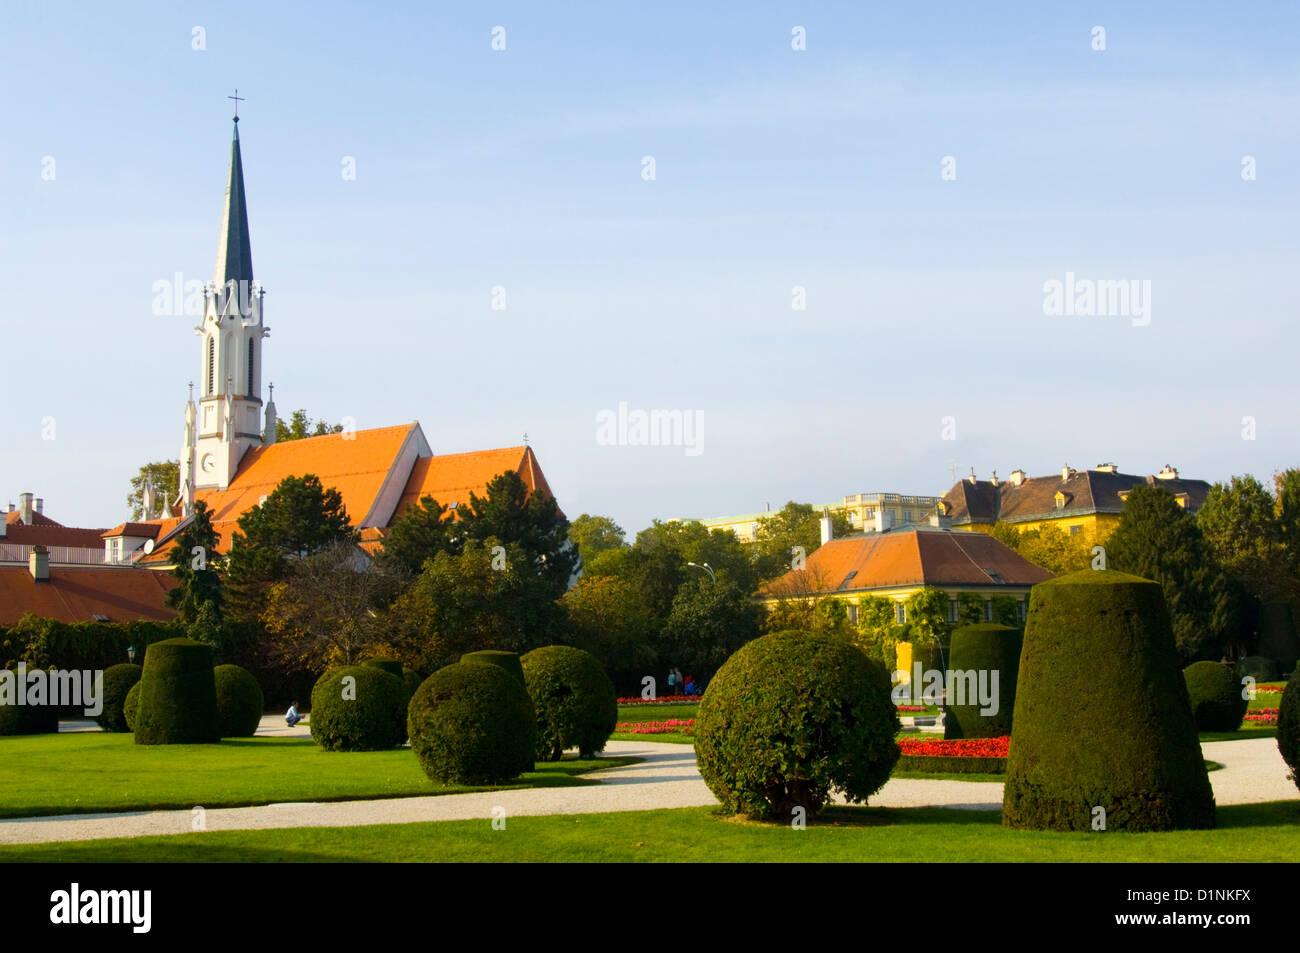 Österreich, Wien 13, Hietzing, Schlosspark Schönbrunn, im Hintergrund die Hietzinger Kirche - Stock Image